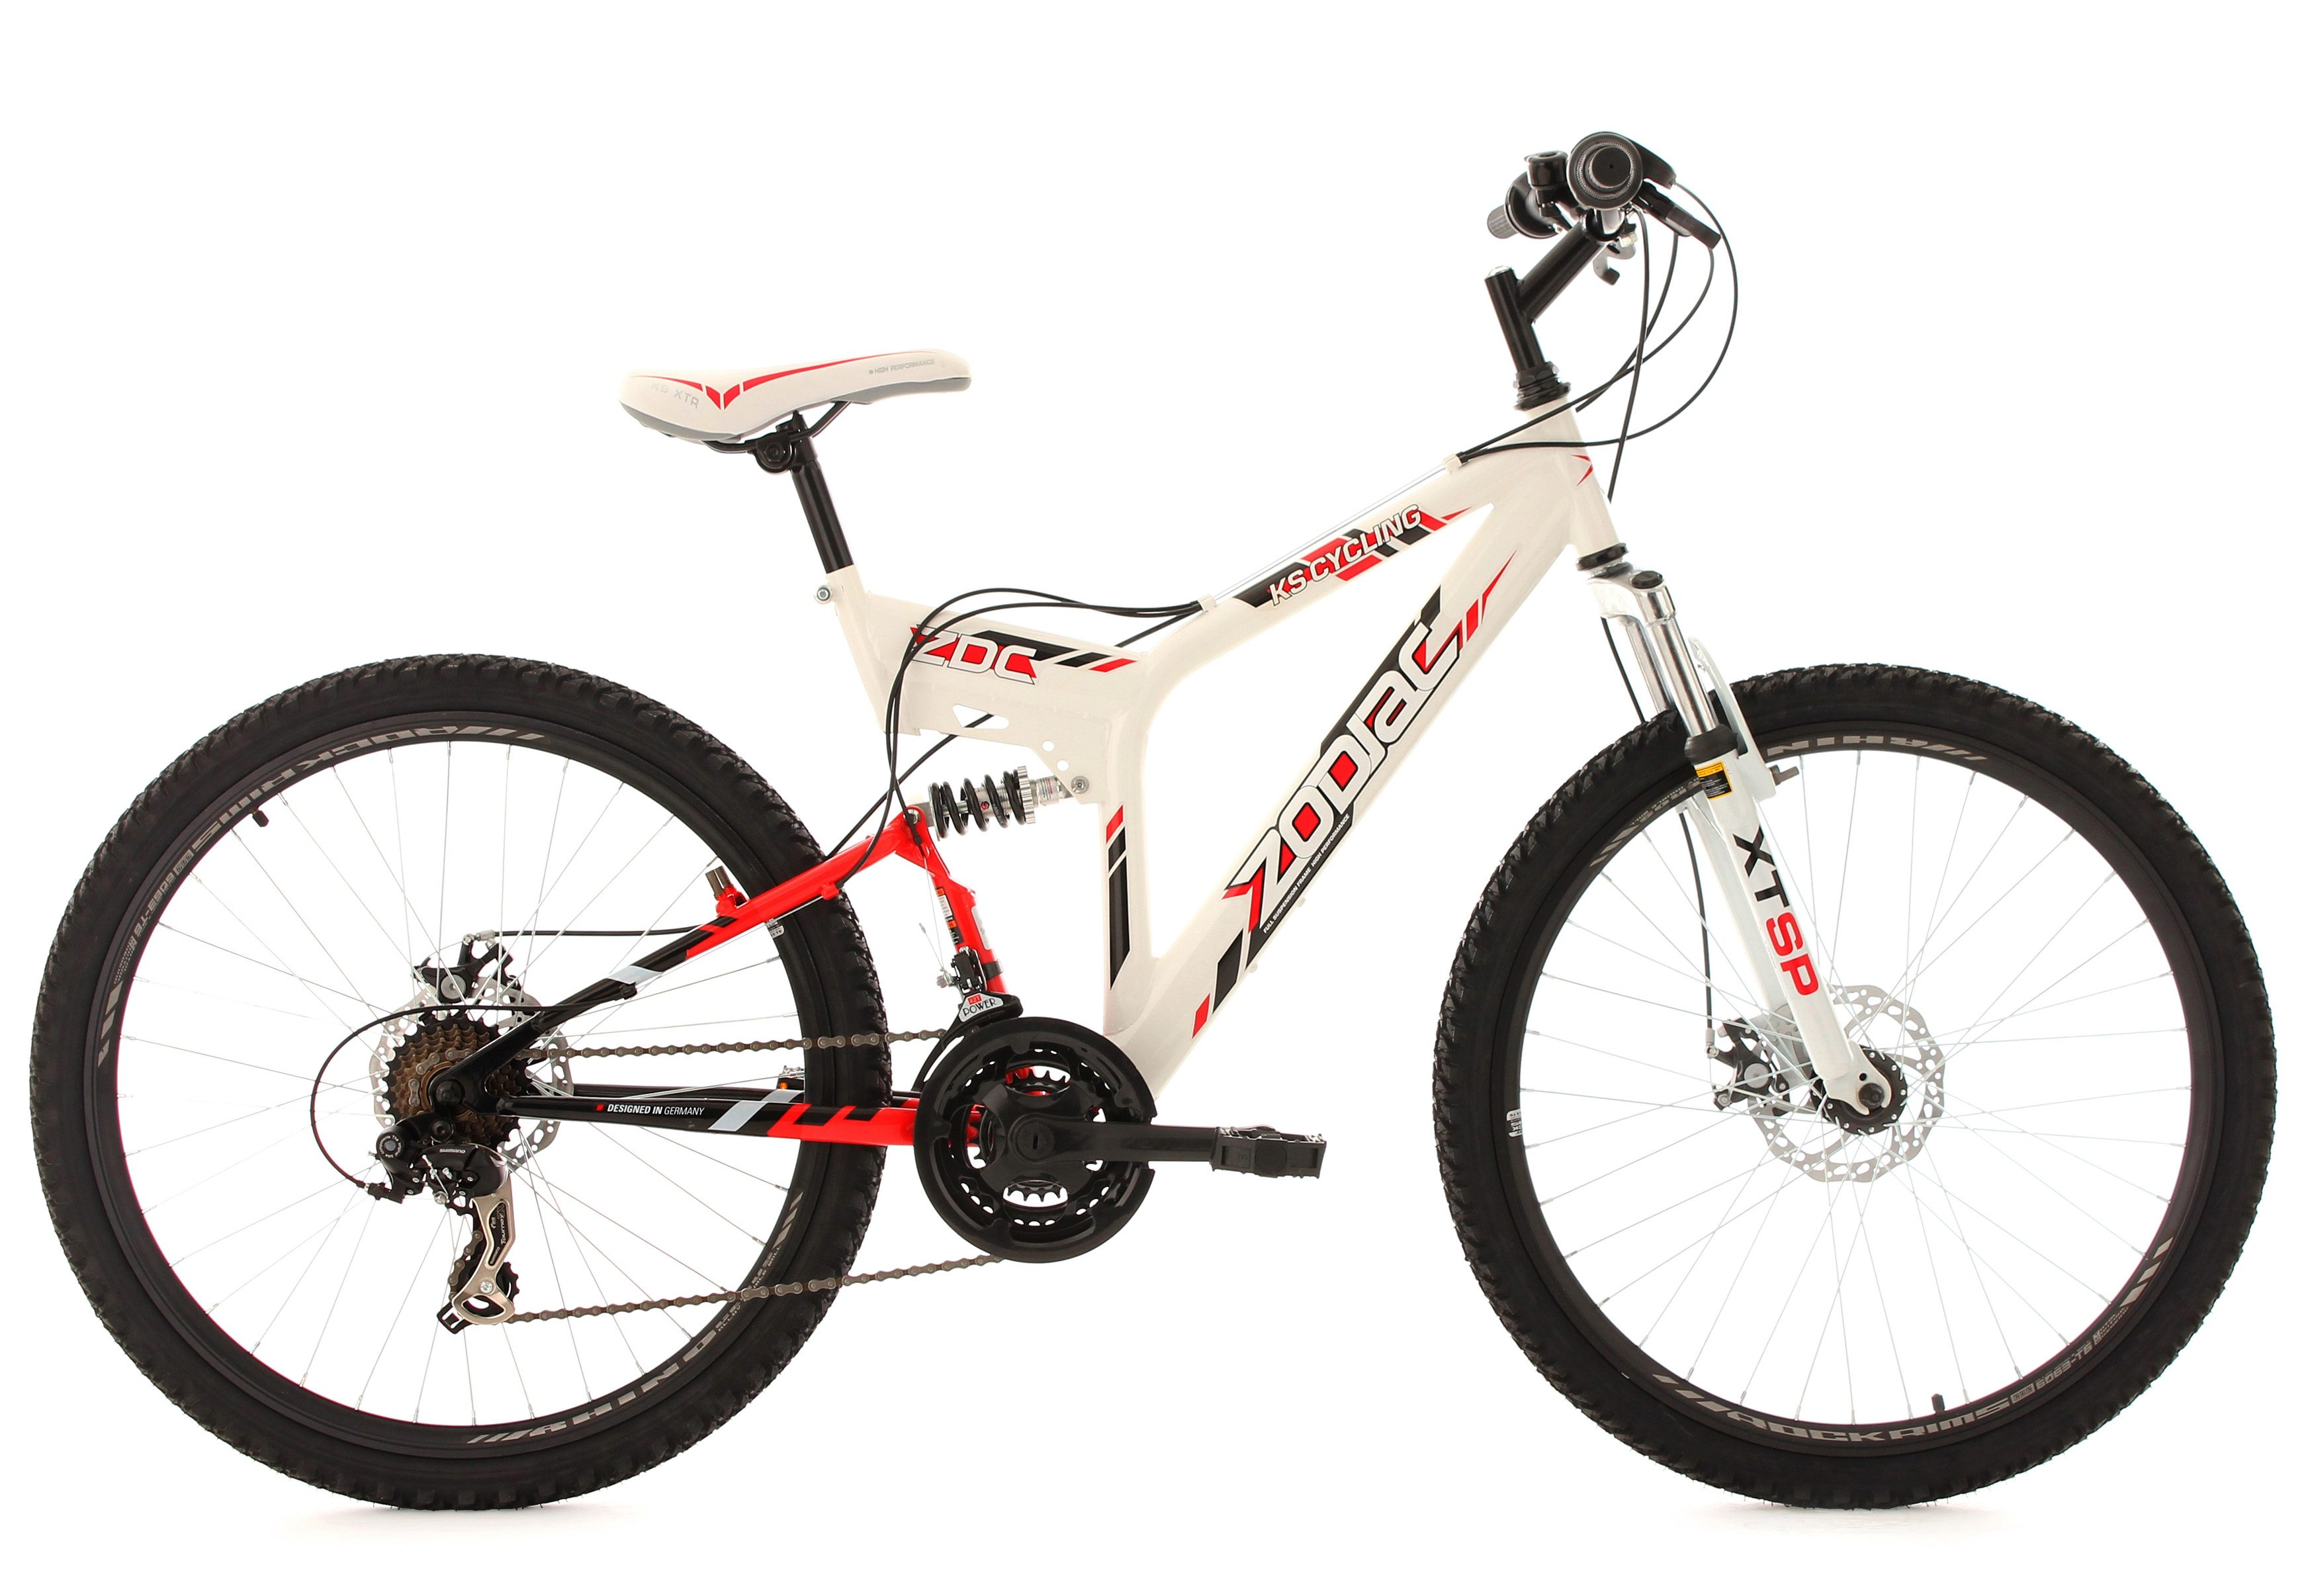 Fully-Mountainbike, 26 Zoll, weiß, 21 Gang Kettenschaltung, »Zodiac«, KS Cycling